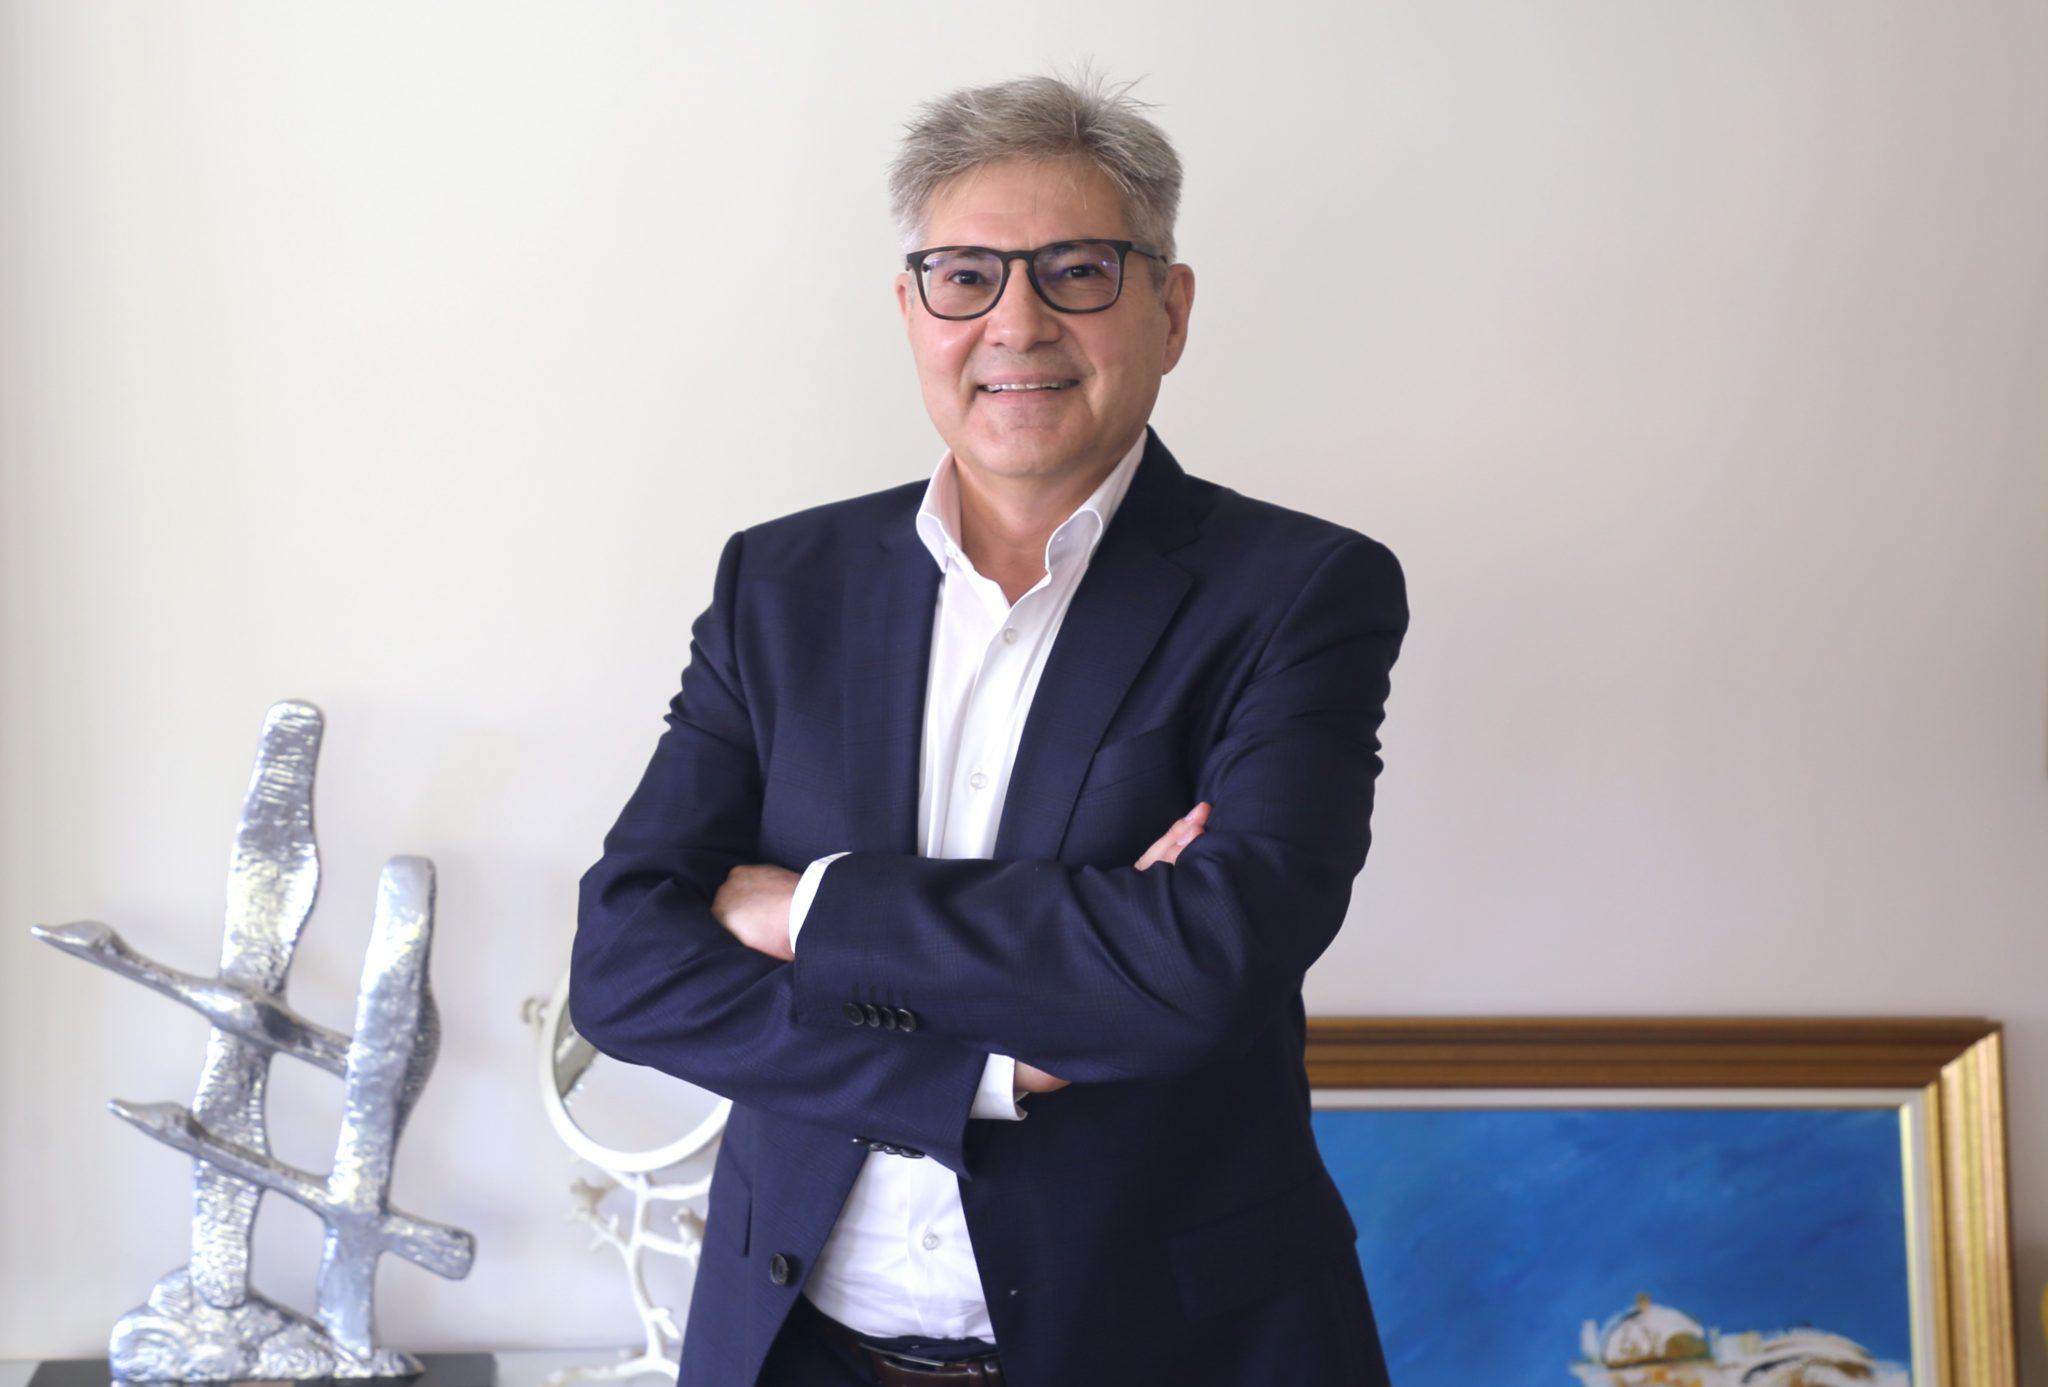 Cristian Taban